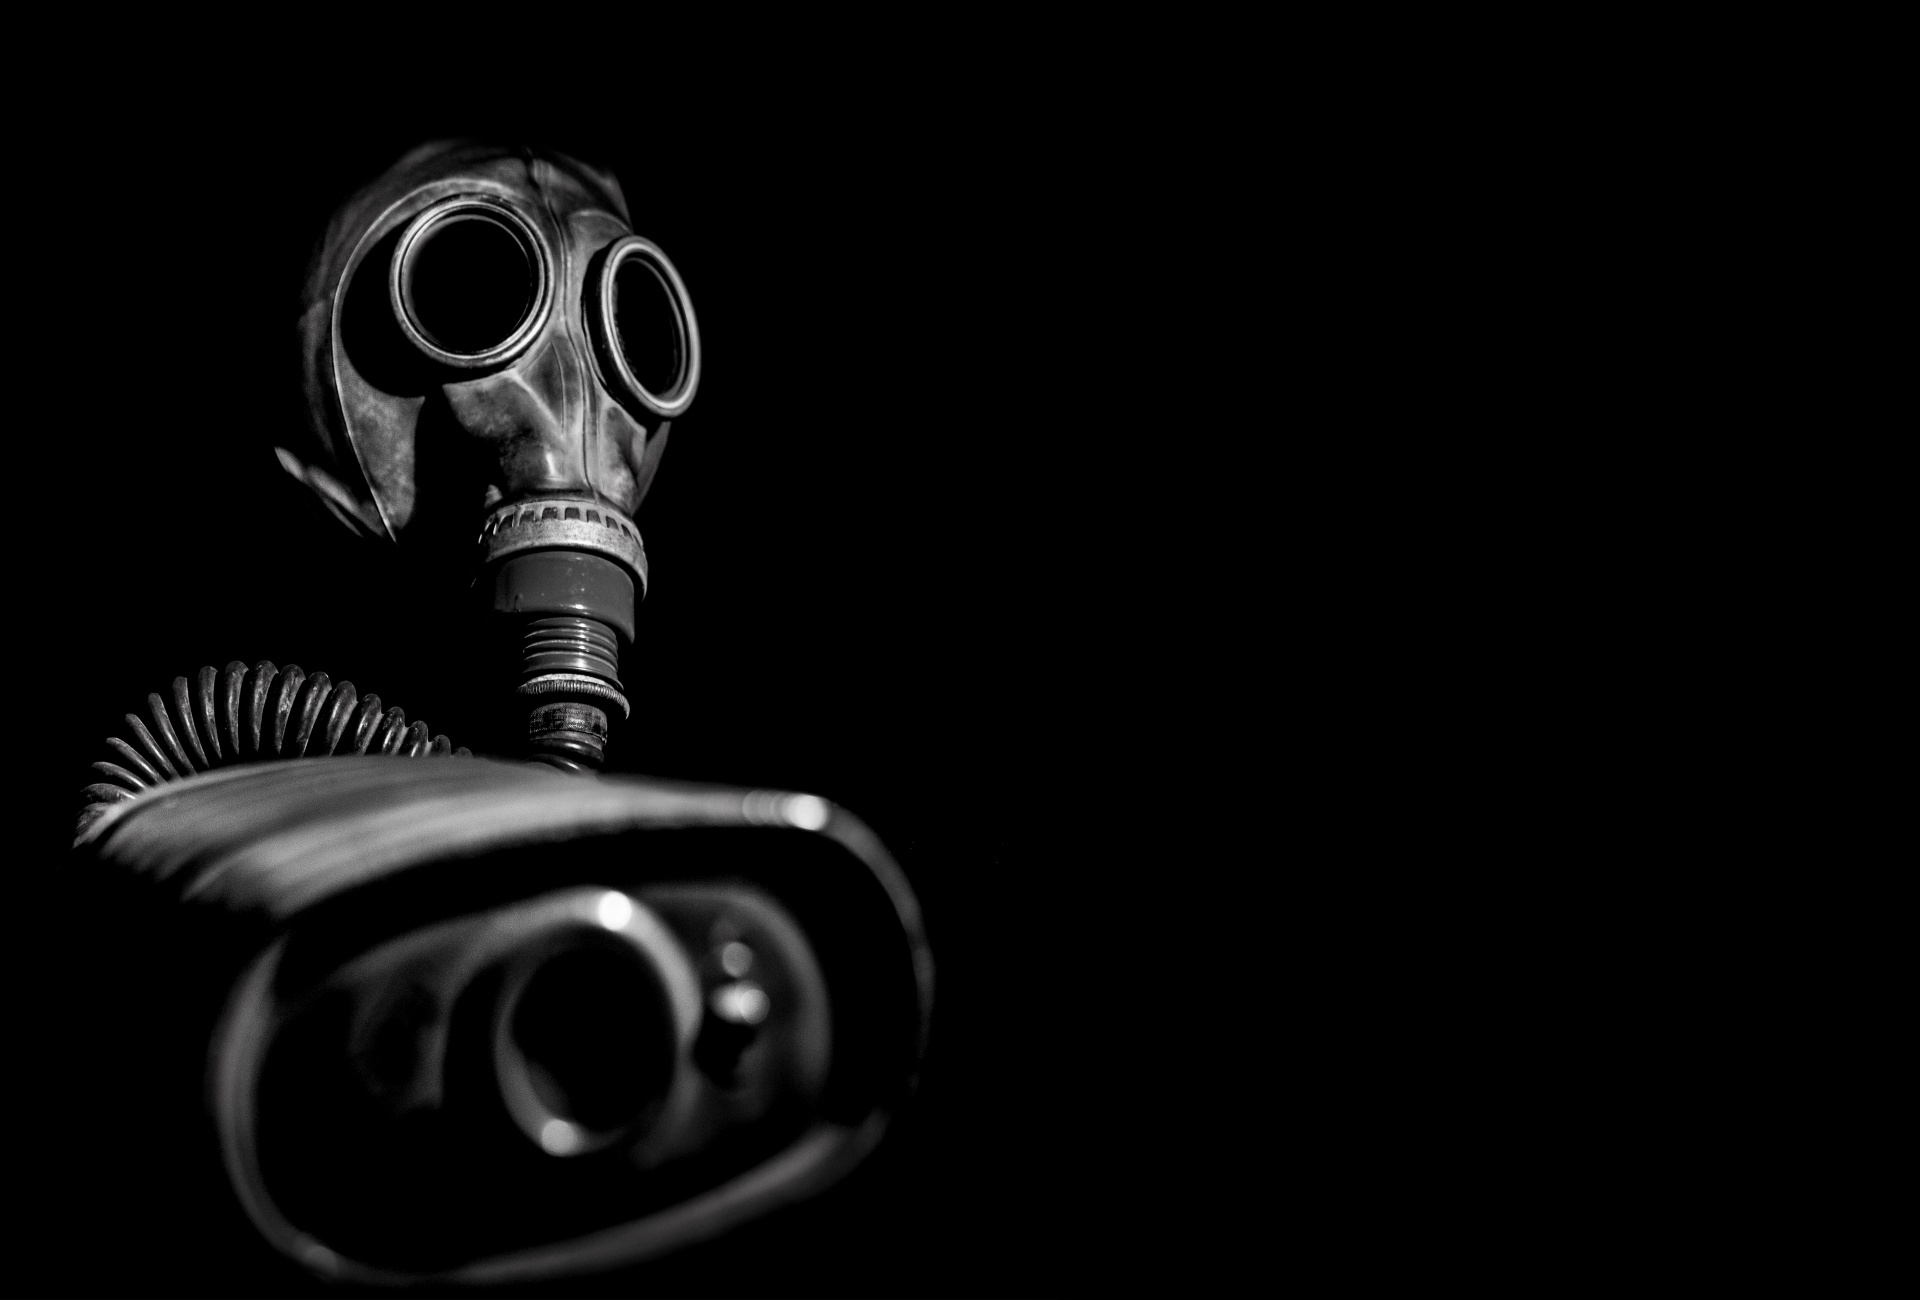 Gas Mask In Shadow. Credit: George Hodan. Licenza: CC0 1.0 .